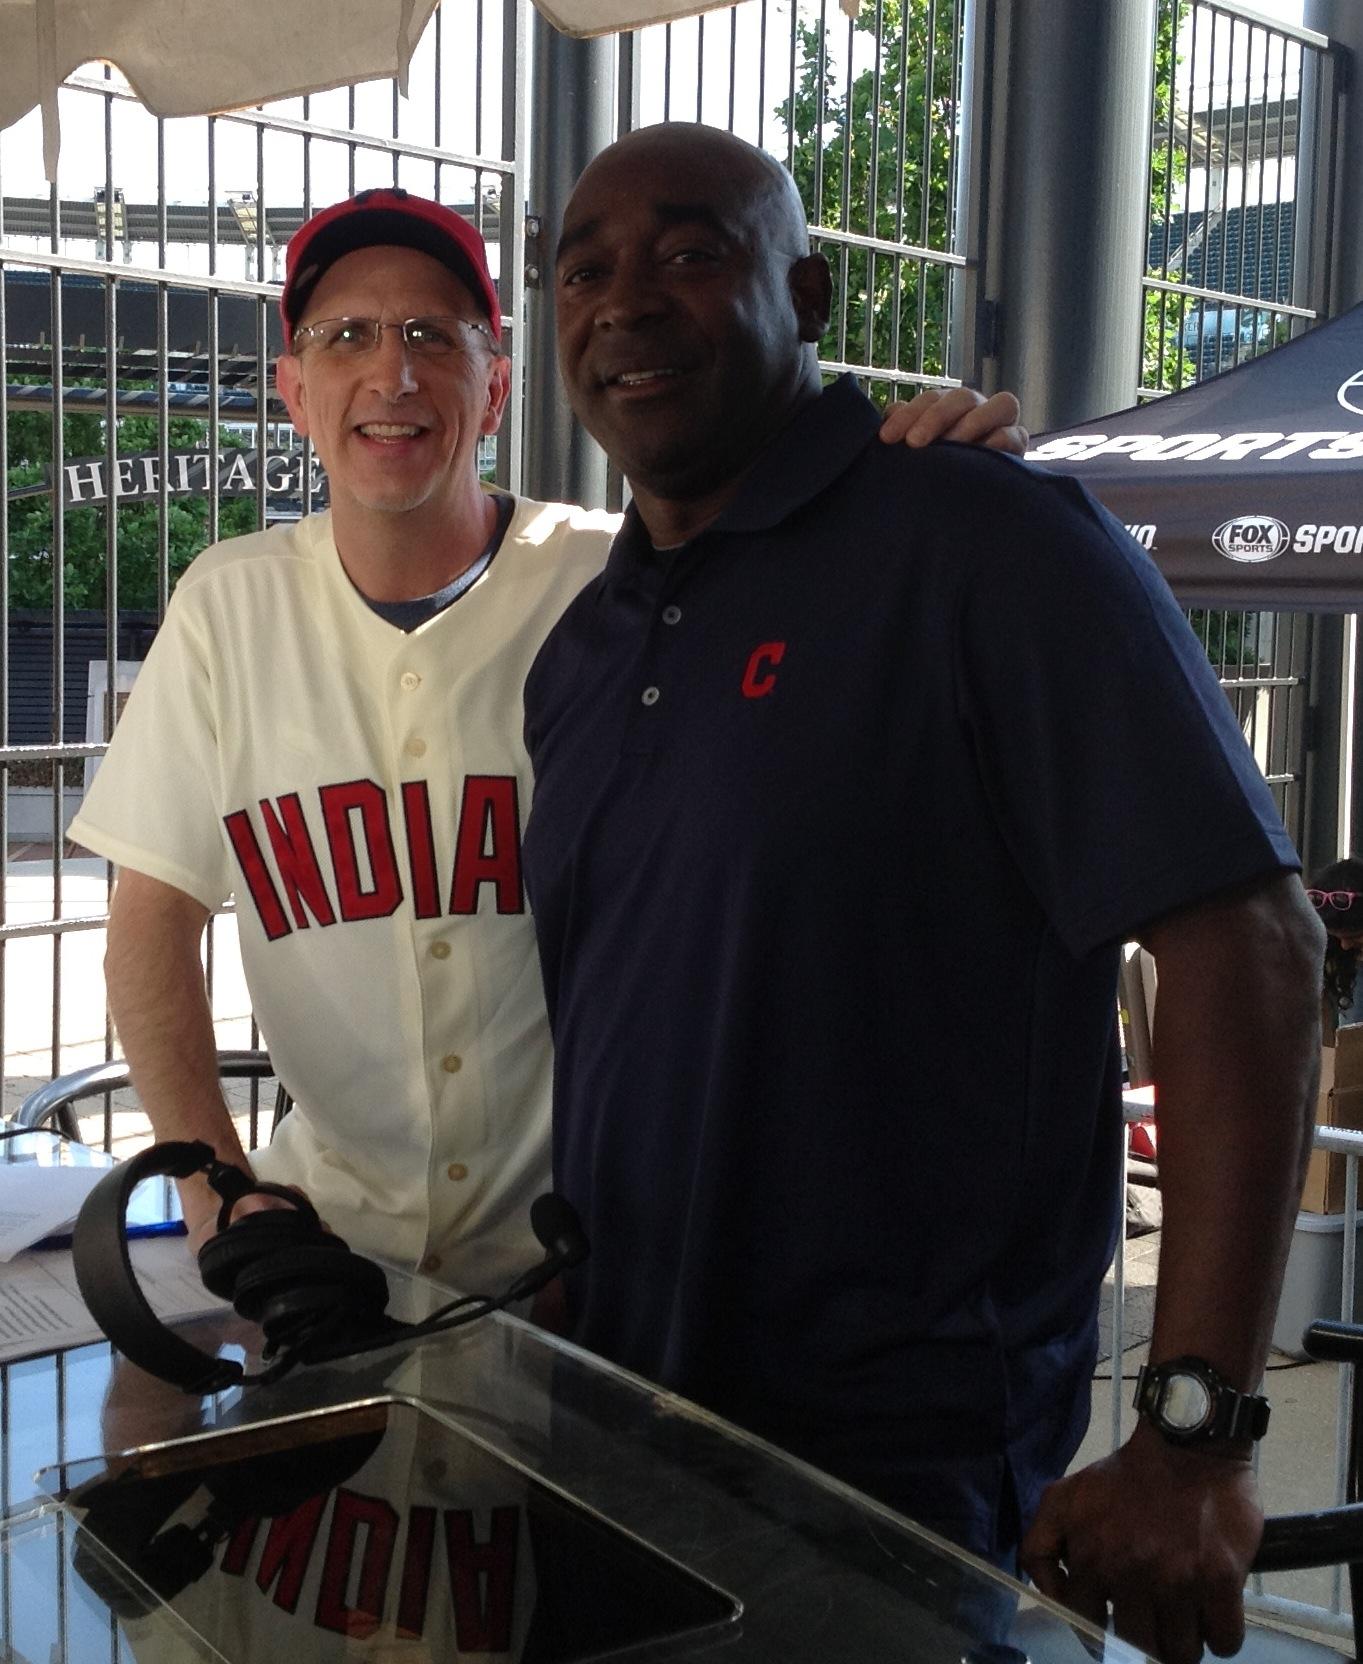 Roda and Mike Jackson 5-30-14